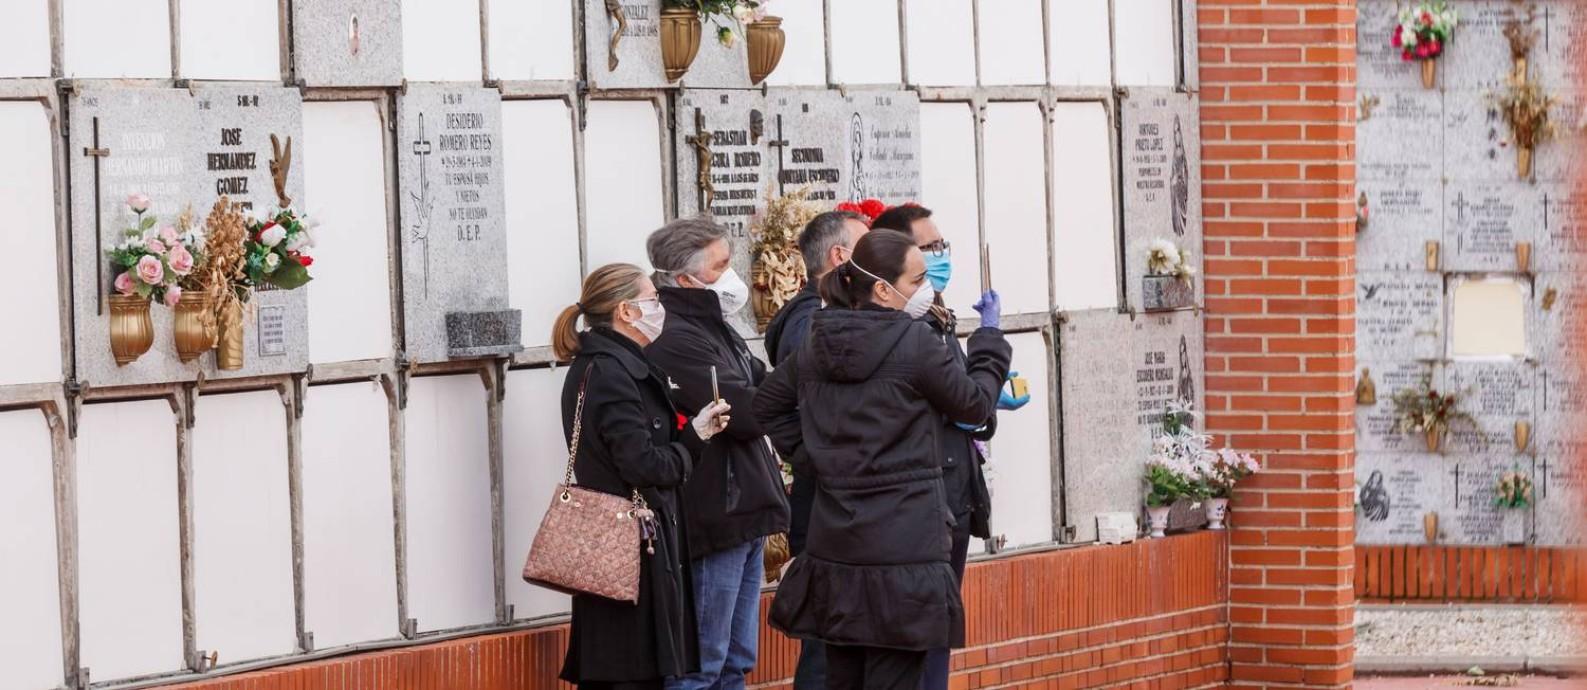 Pessoas participam de enterro de vítima do novo coronavírus portando máscaras em cemitério de Madri, na Espanha; cidade concentra 58% das vítimas fatais no país Foto: BALDESCA SAMPER / AFP